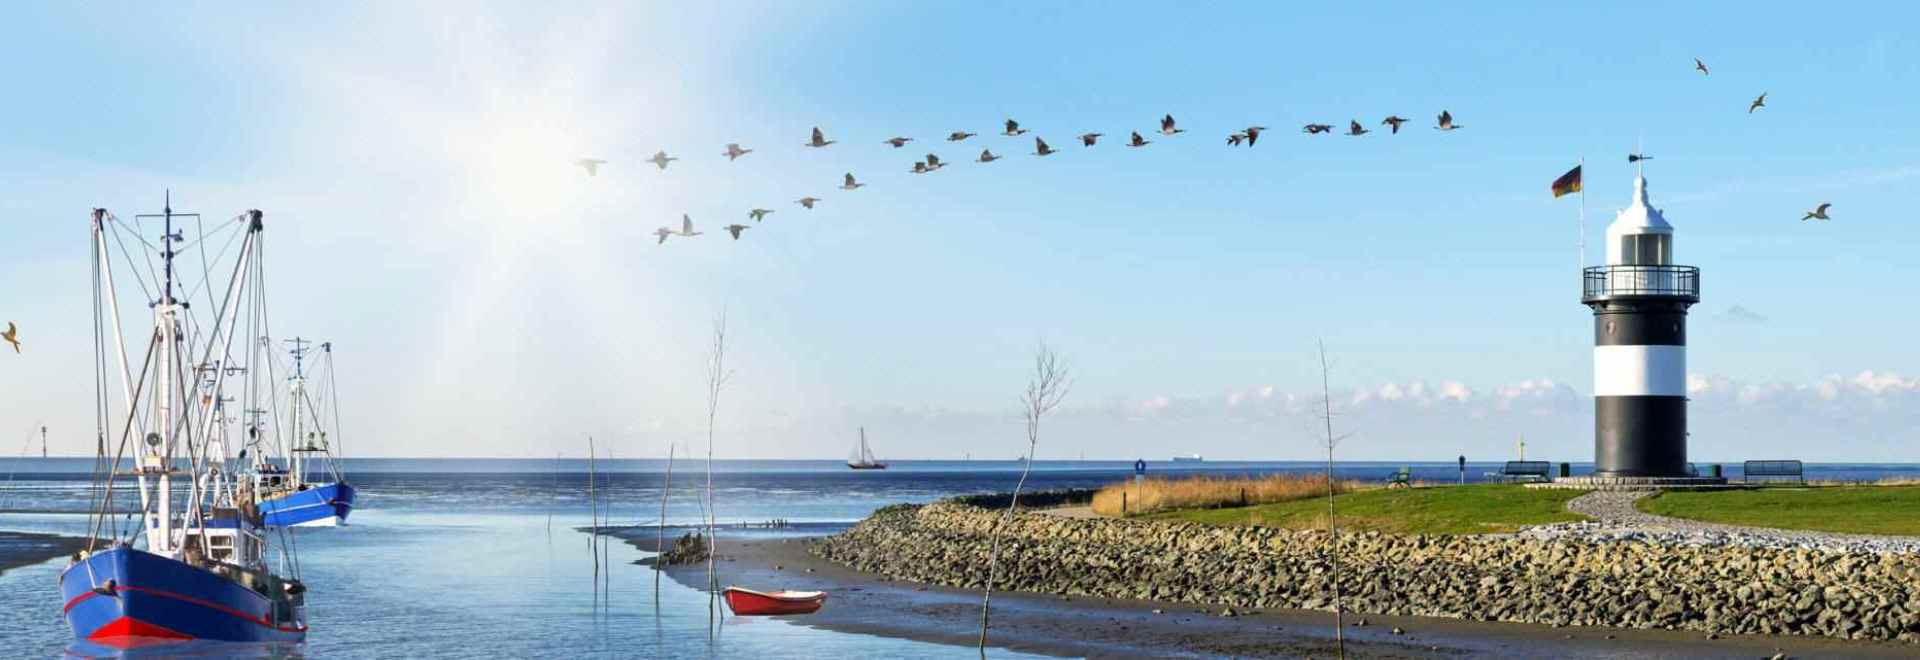 Hafeneinfahrt Nordseebad Wremen - Wurster Nordseeküste